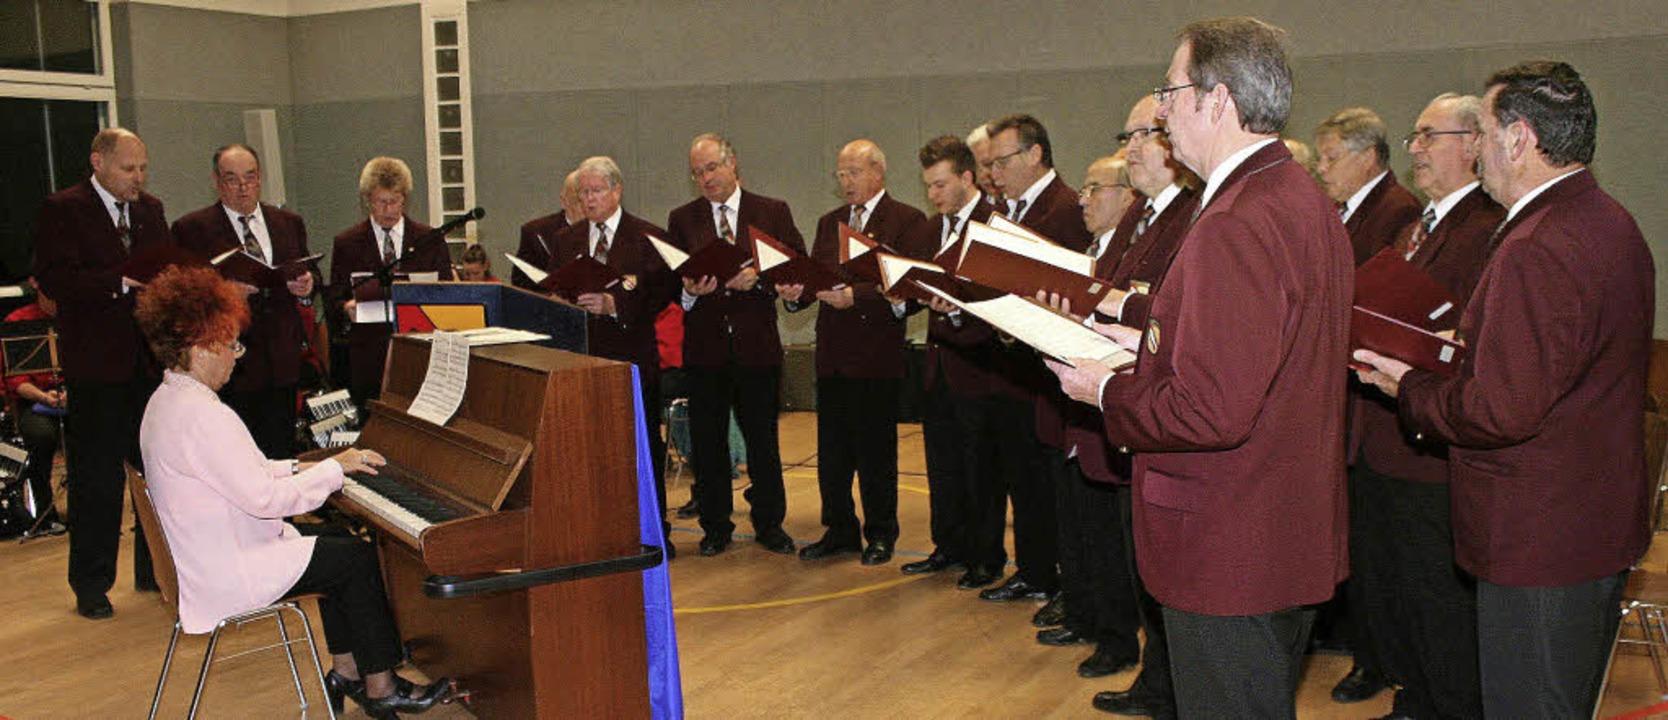 Auftritte des Männerchores, wie dieser...gehören offenbar der Vergangenheit an.    Foto: Cremer